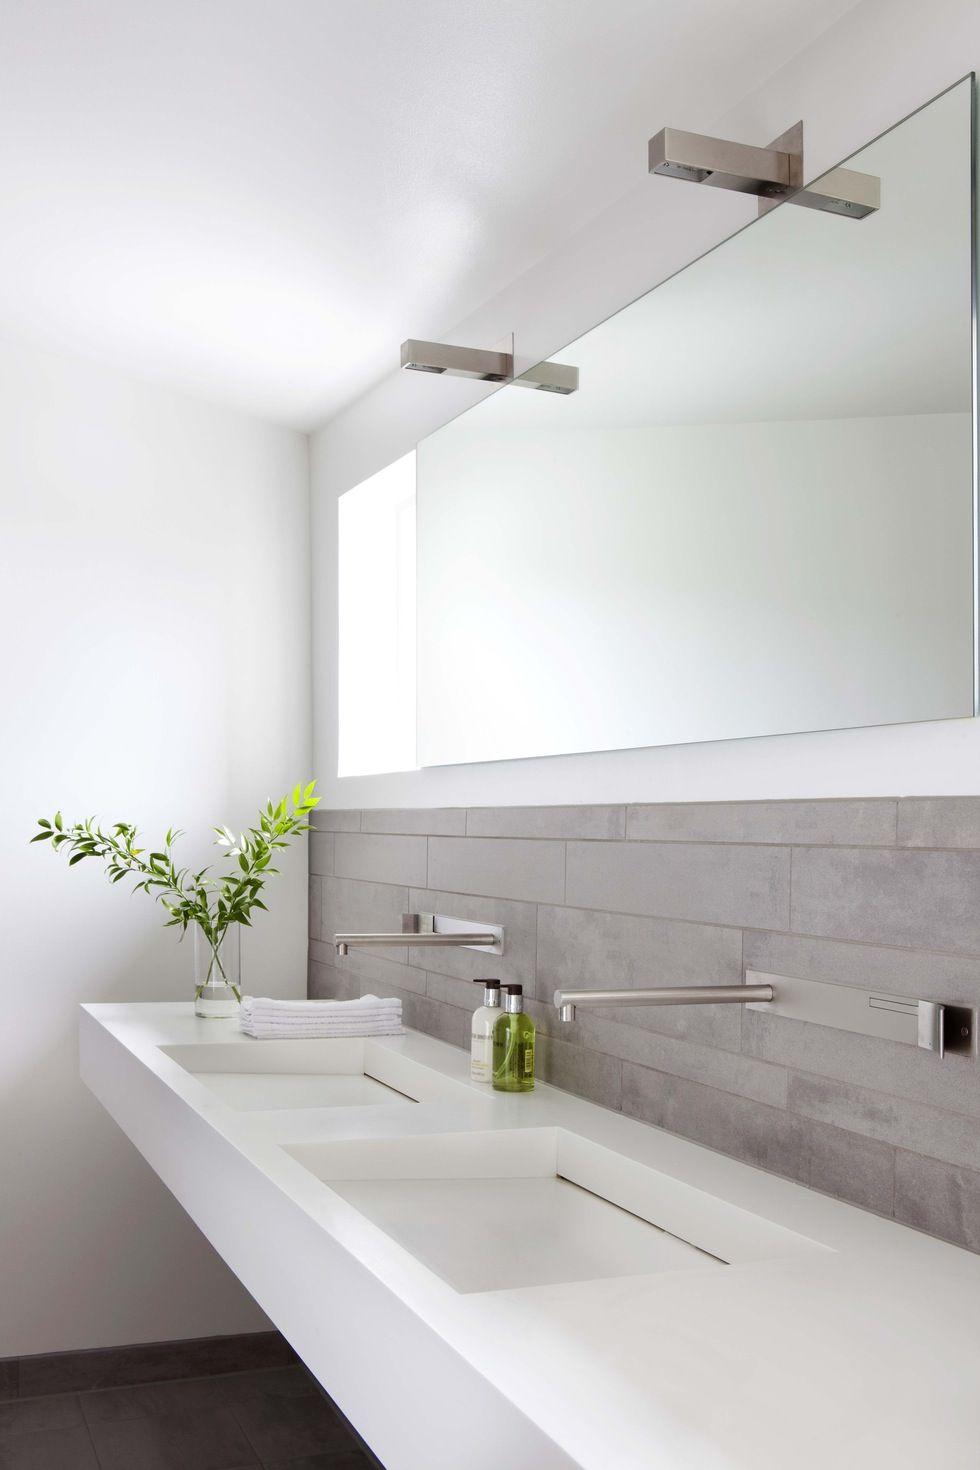 Spesialdesignet vask | Bathroom | Pinterest | Bathroom inspiration ...